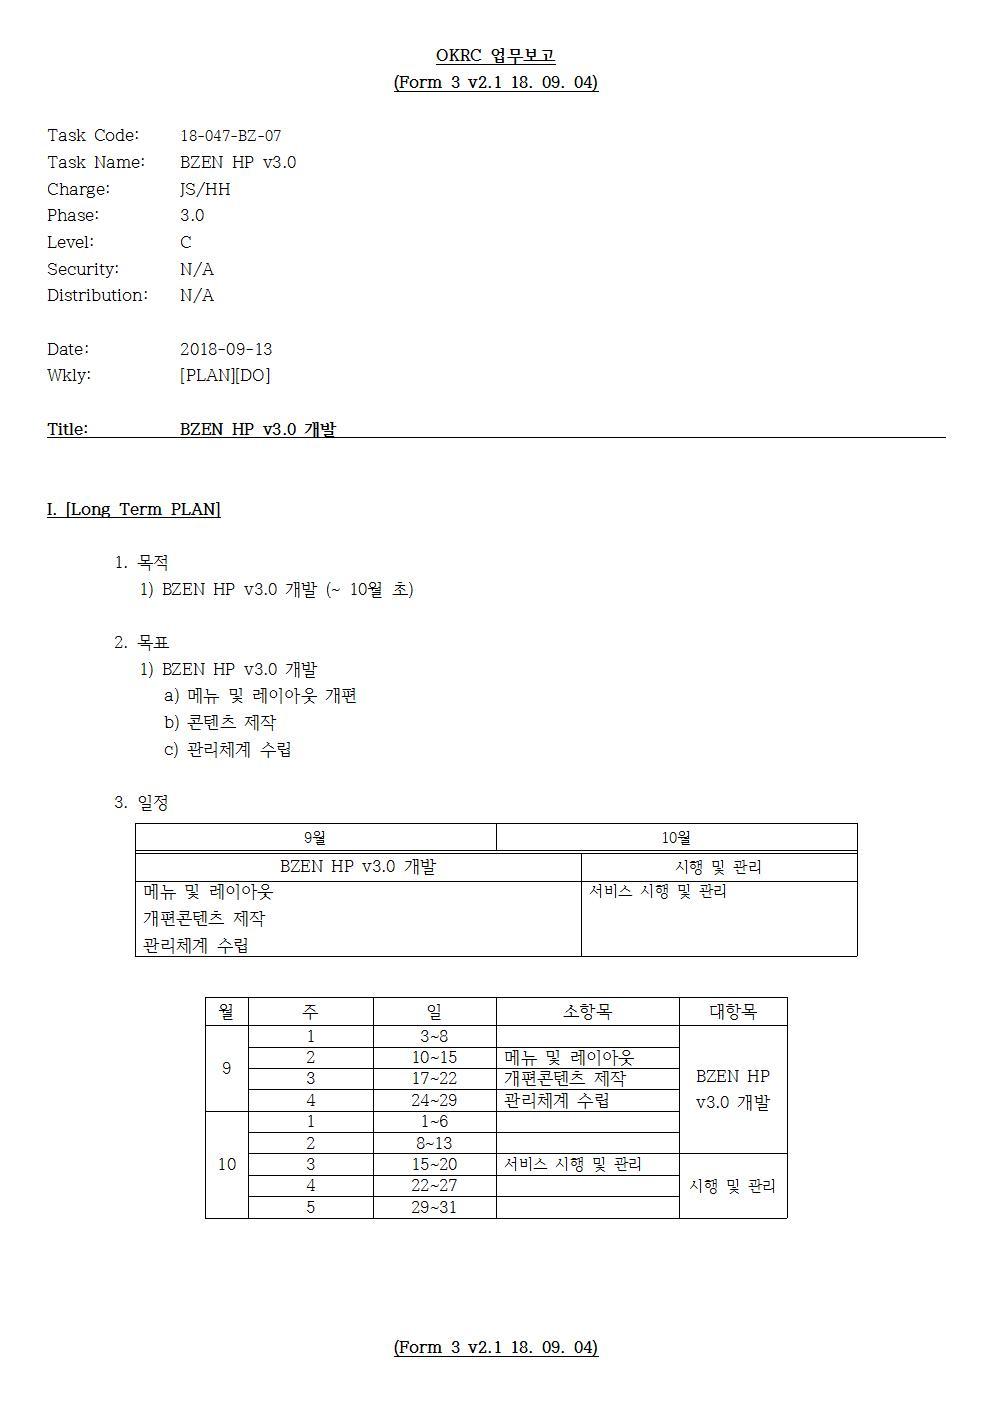 D-[18-047-BZ-07]-[BZEN HP v3.0]-[2018-09-13][JS]001.jpg